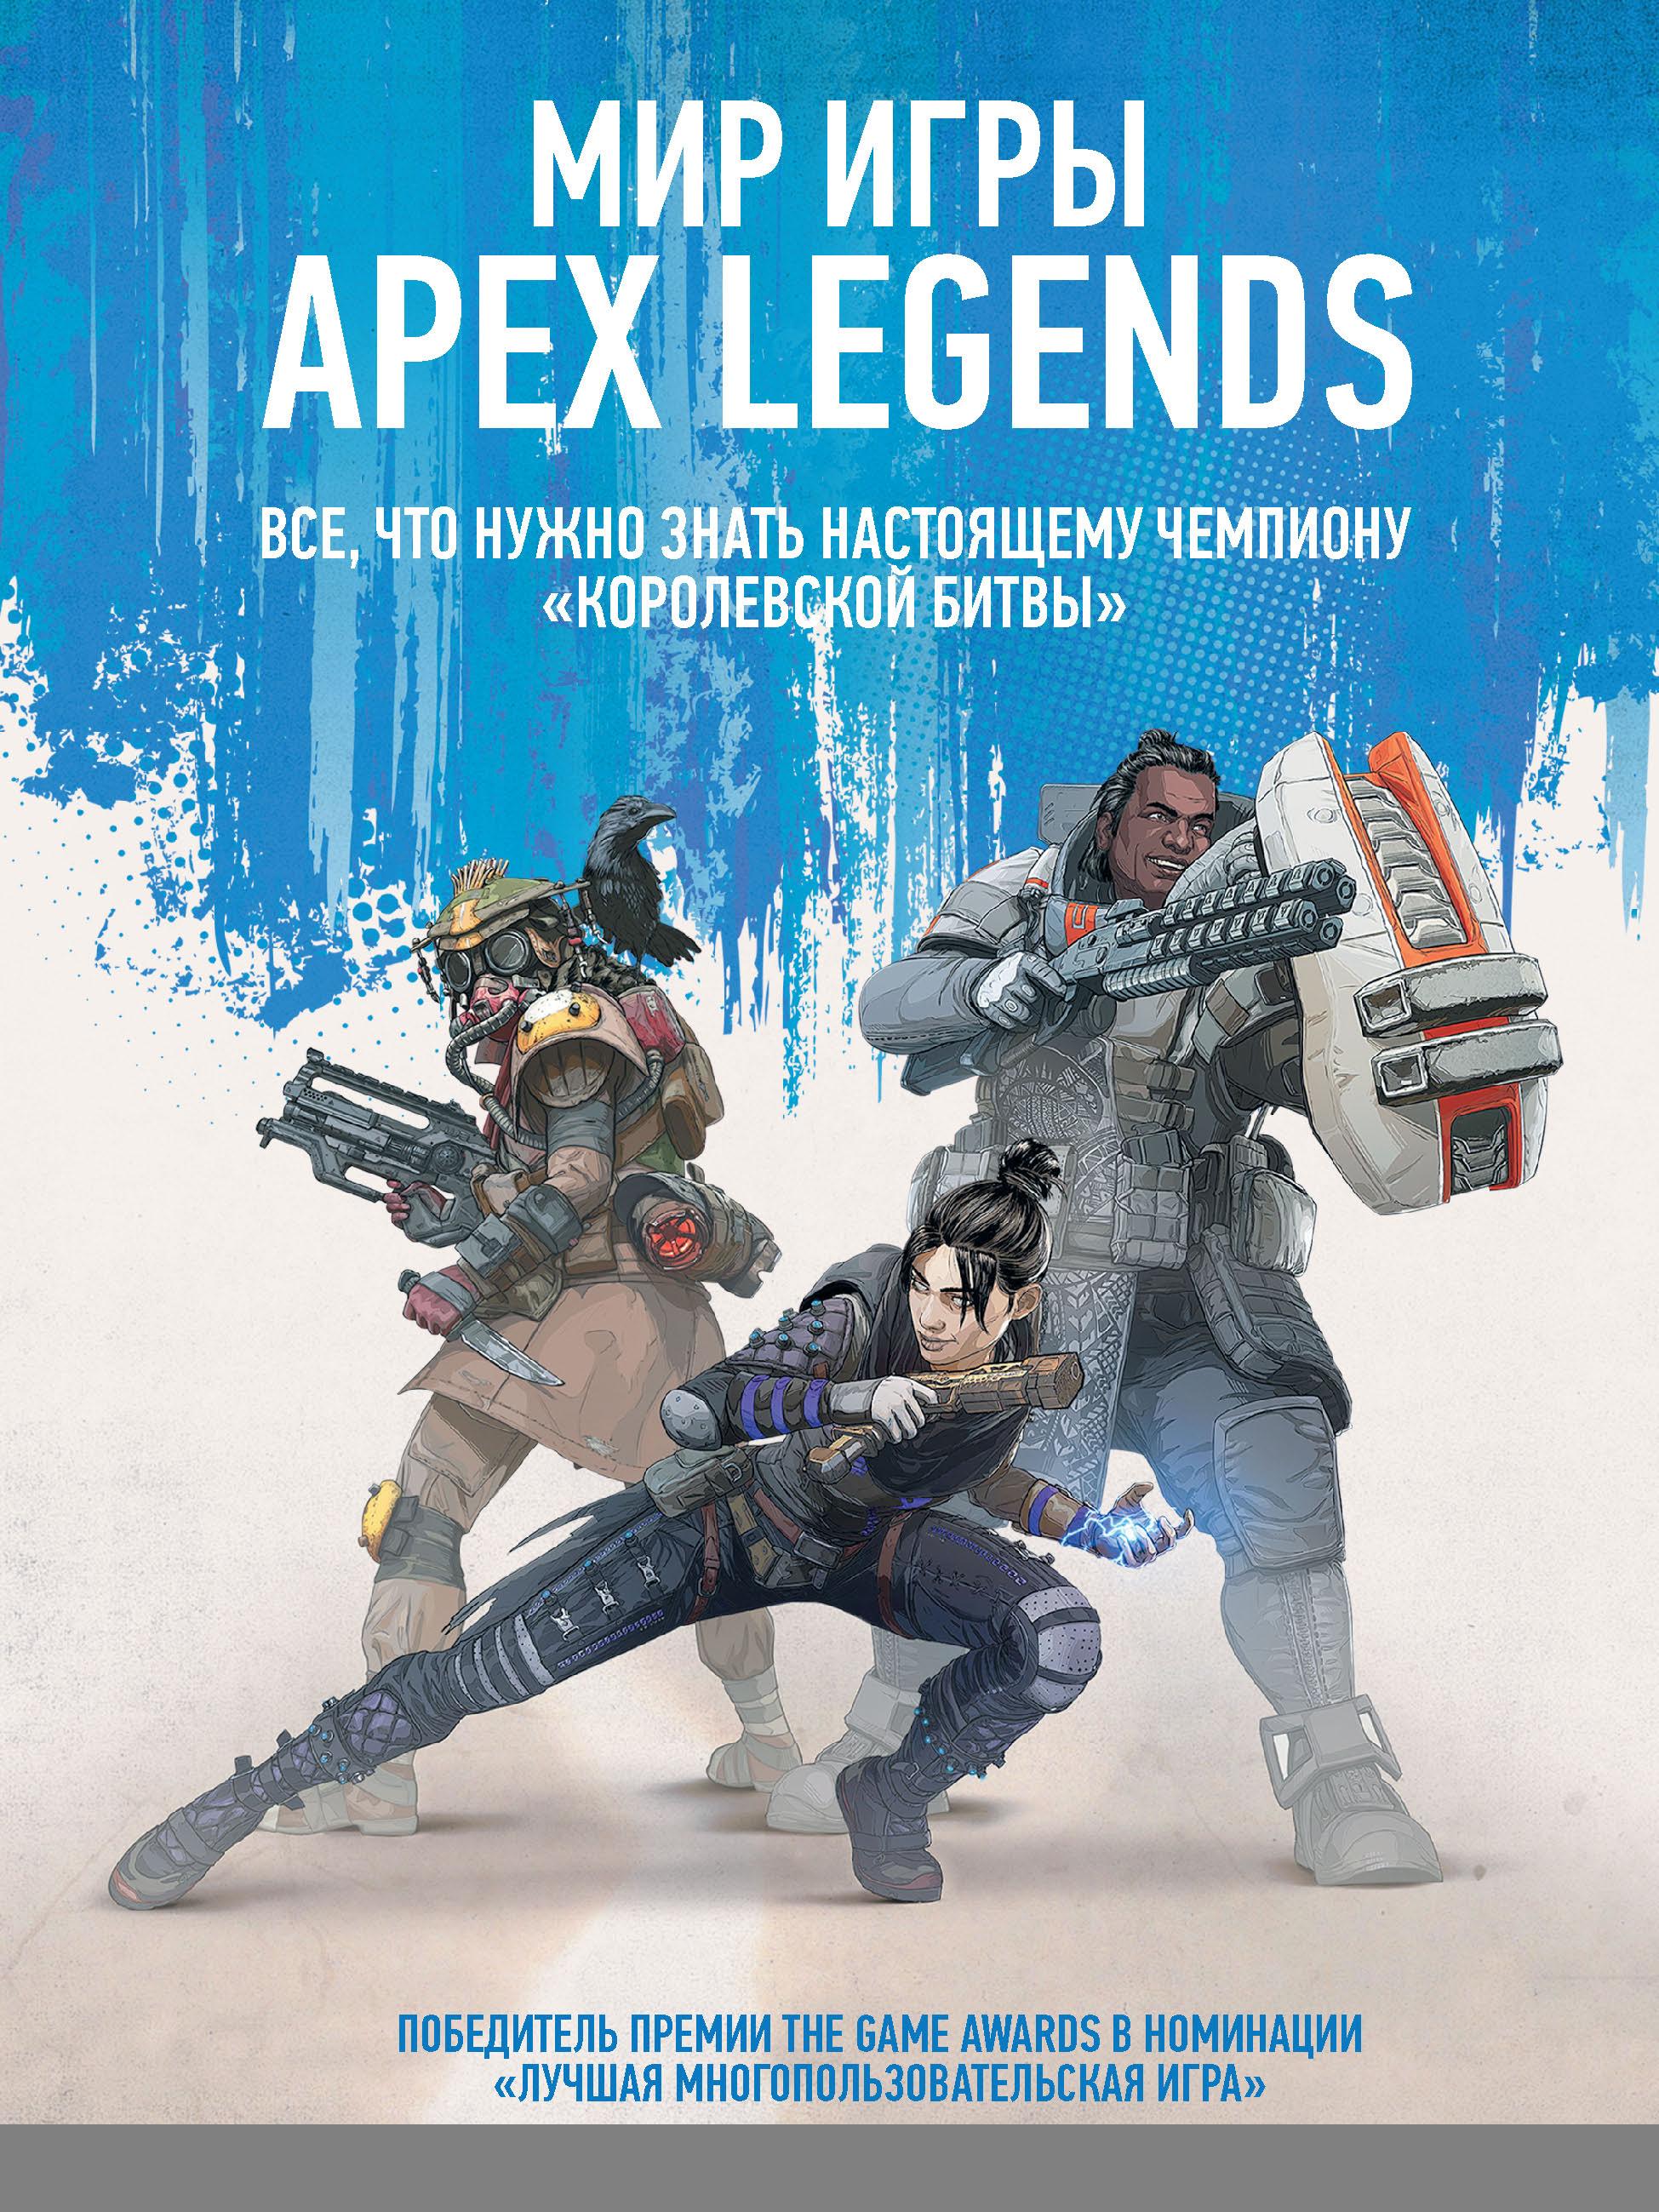 Мир игры Apex Legends фото